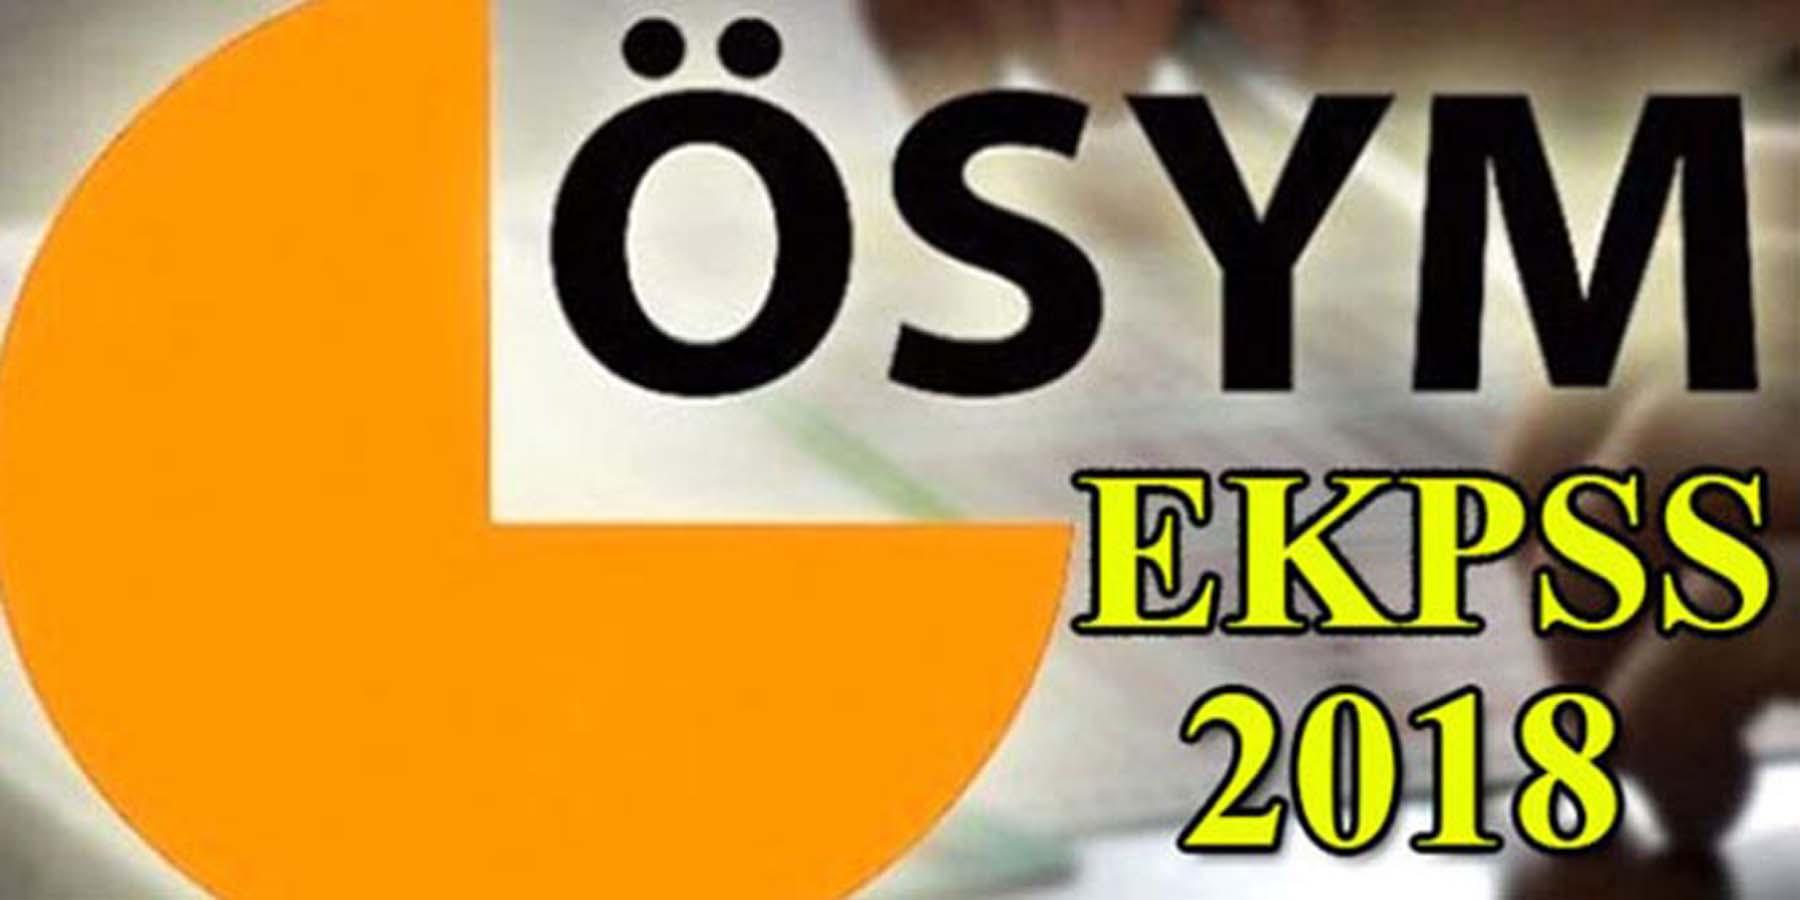 2018 EKPSS Sınav Giriş Belgeleri Yayınlandı